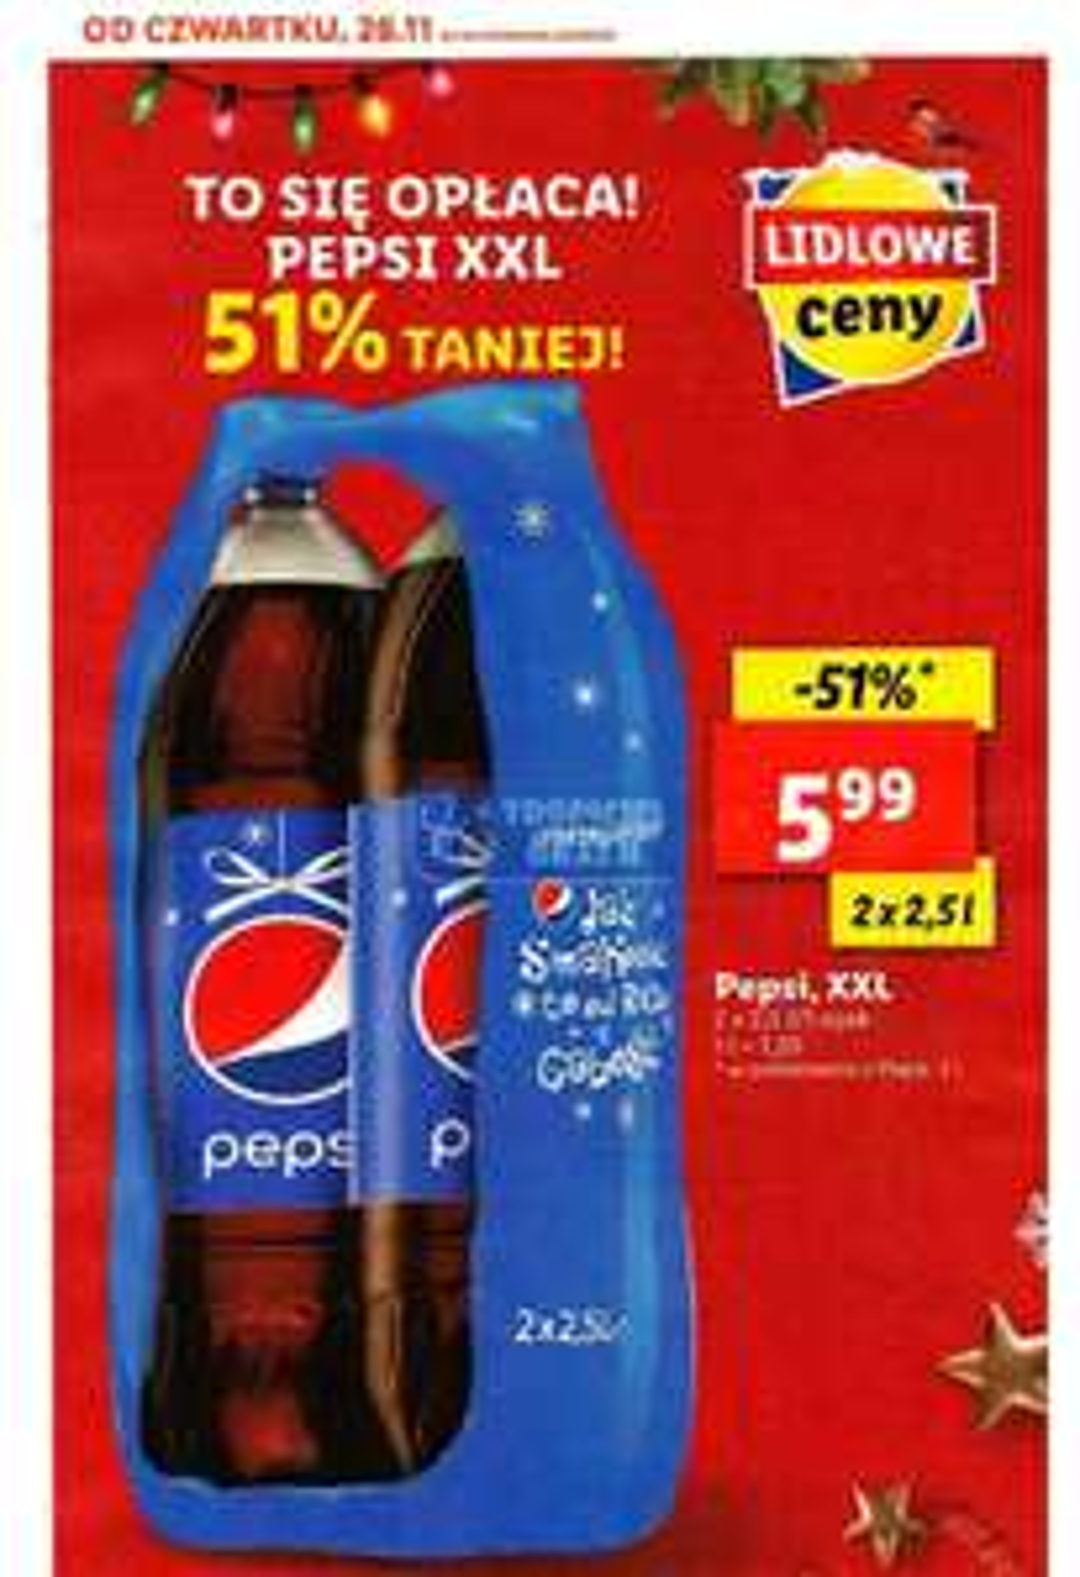 Pepsi za 5,99 2x2,5l (1l =1,20zl) w Lidlu